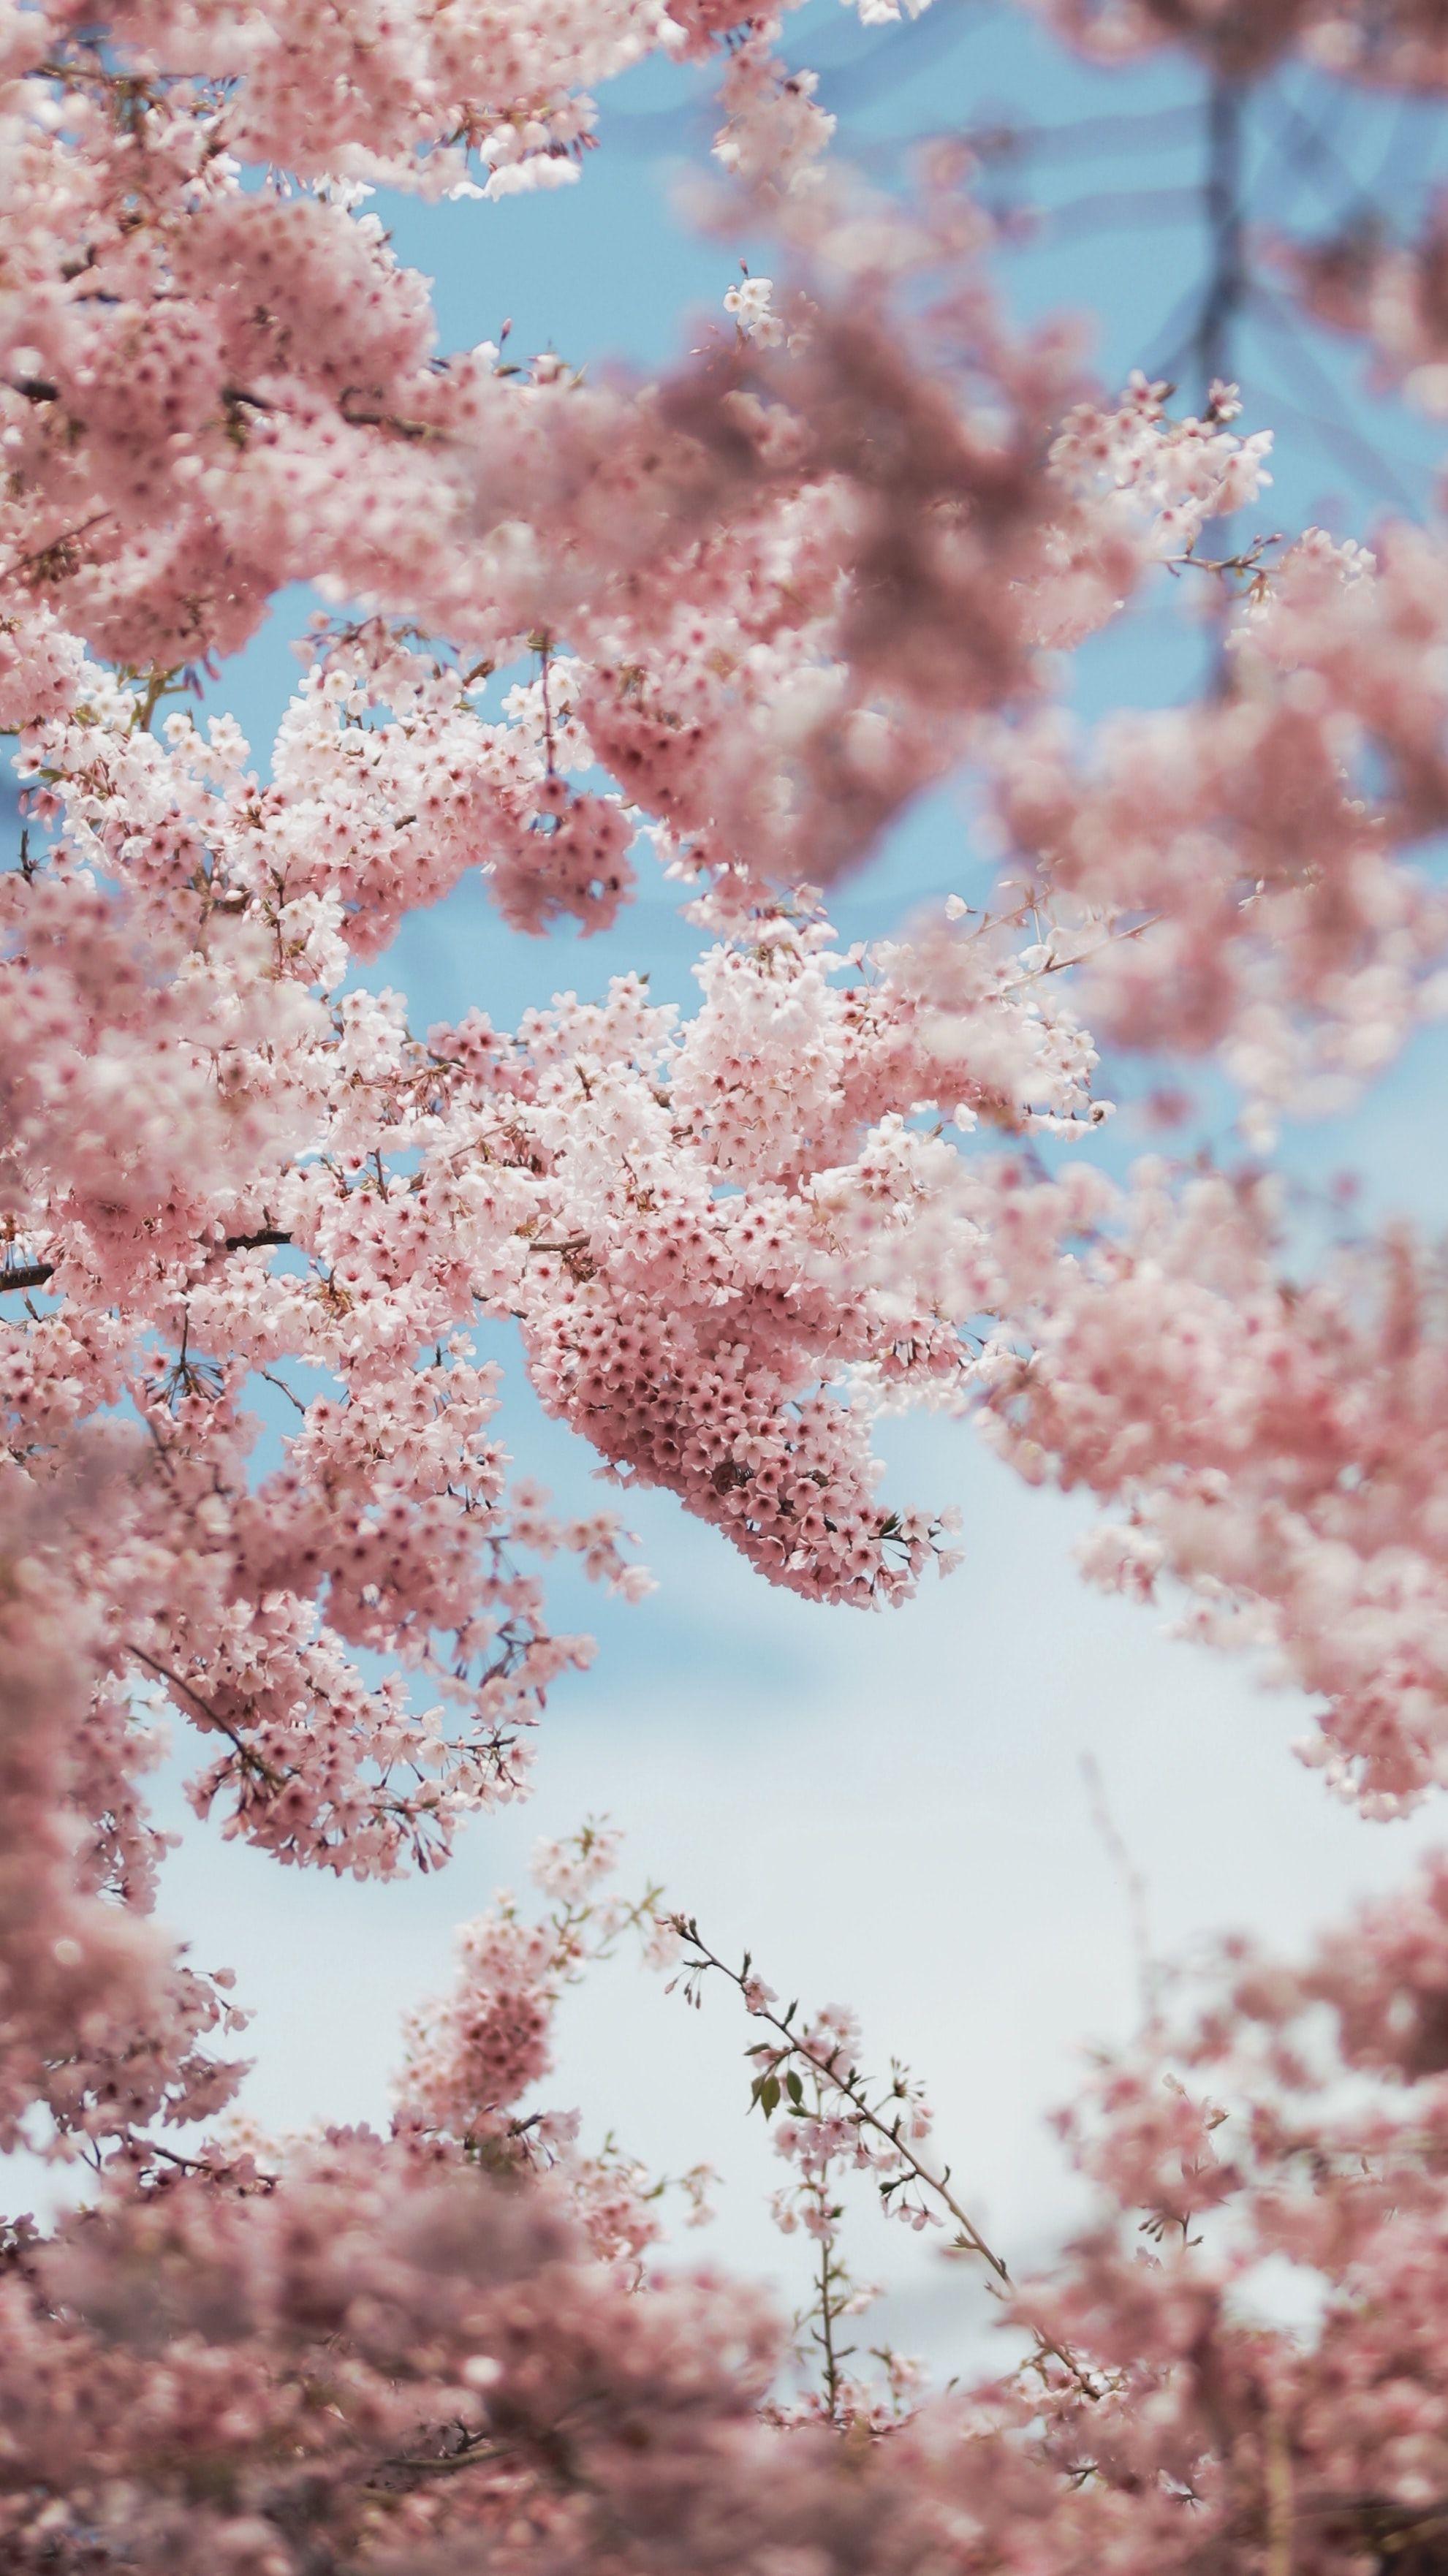 Blossom Cherry Blossom Plant Selective Focus Photography Selective Focus Photography Of Pi Cherry Blossom Wallpaper Cherry Blossom Pictures Pink Trees